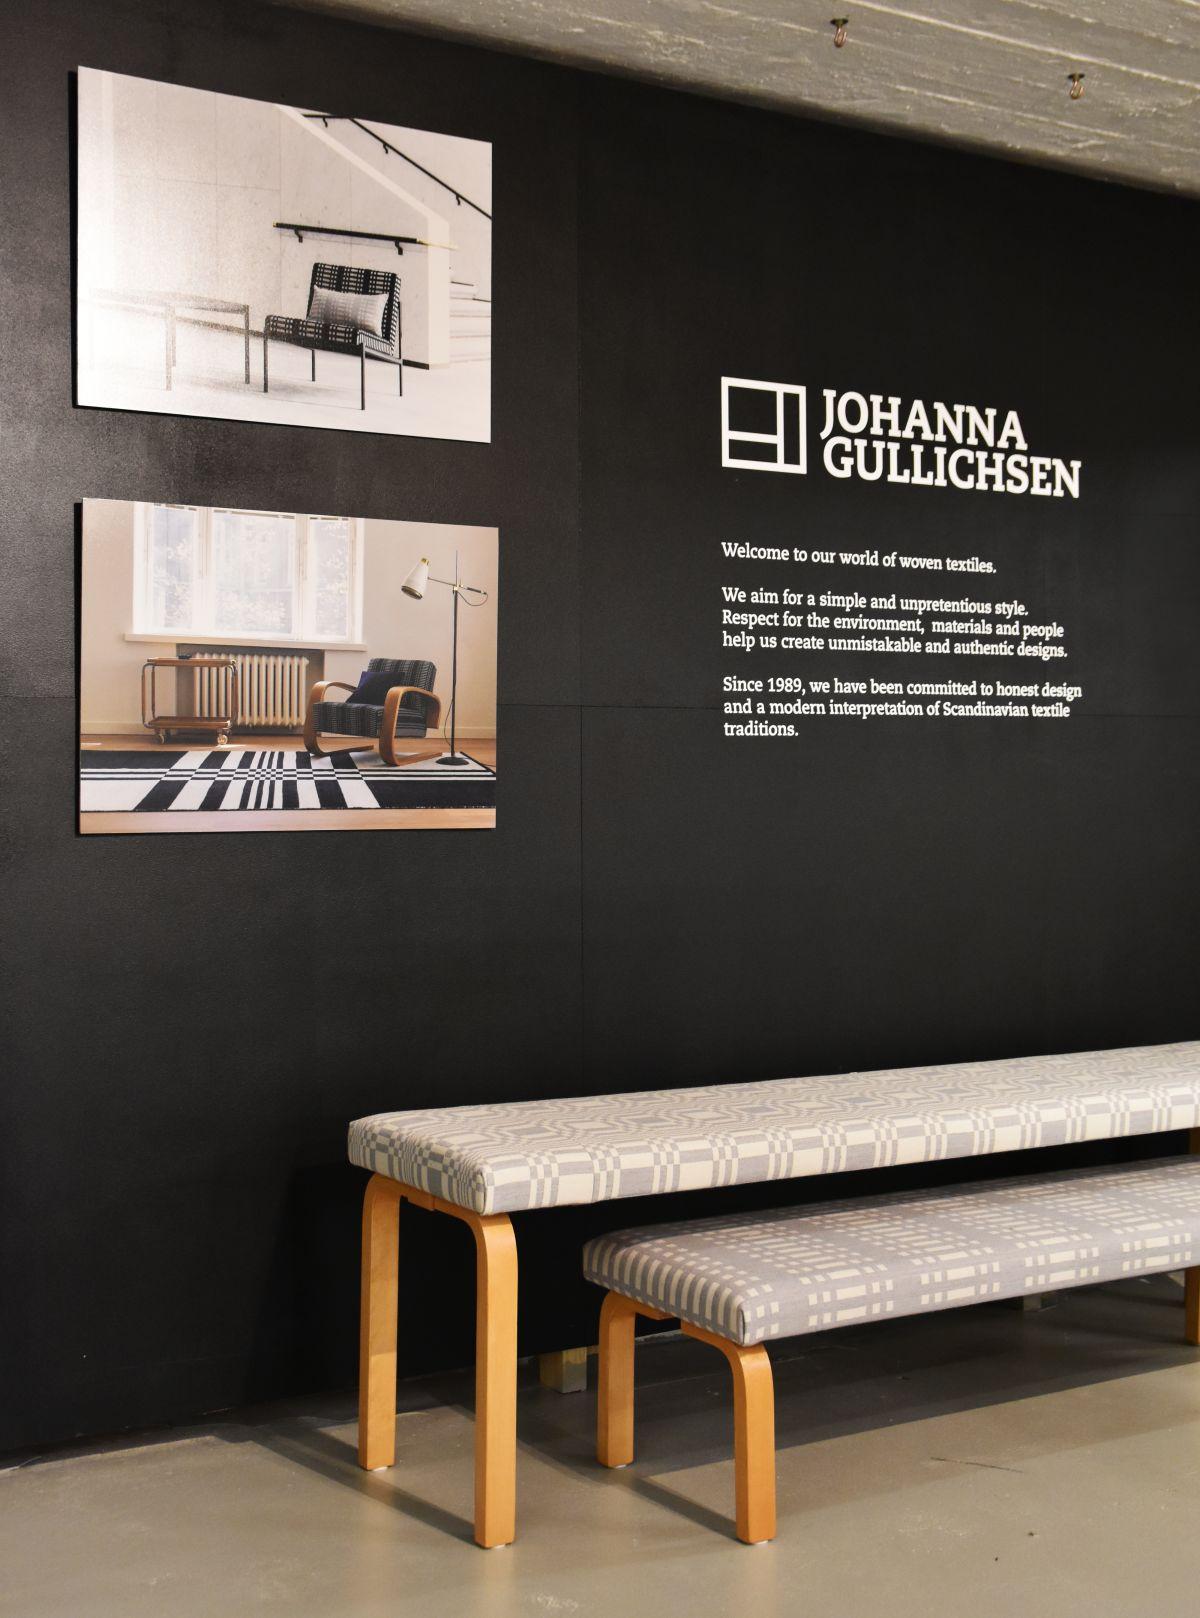 Johanna_Gullichsen_Exhibition_02